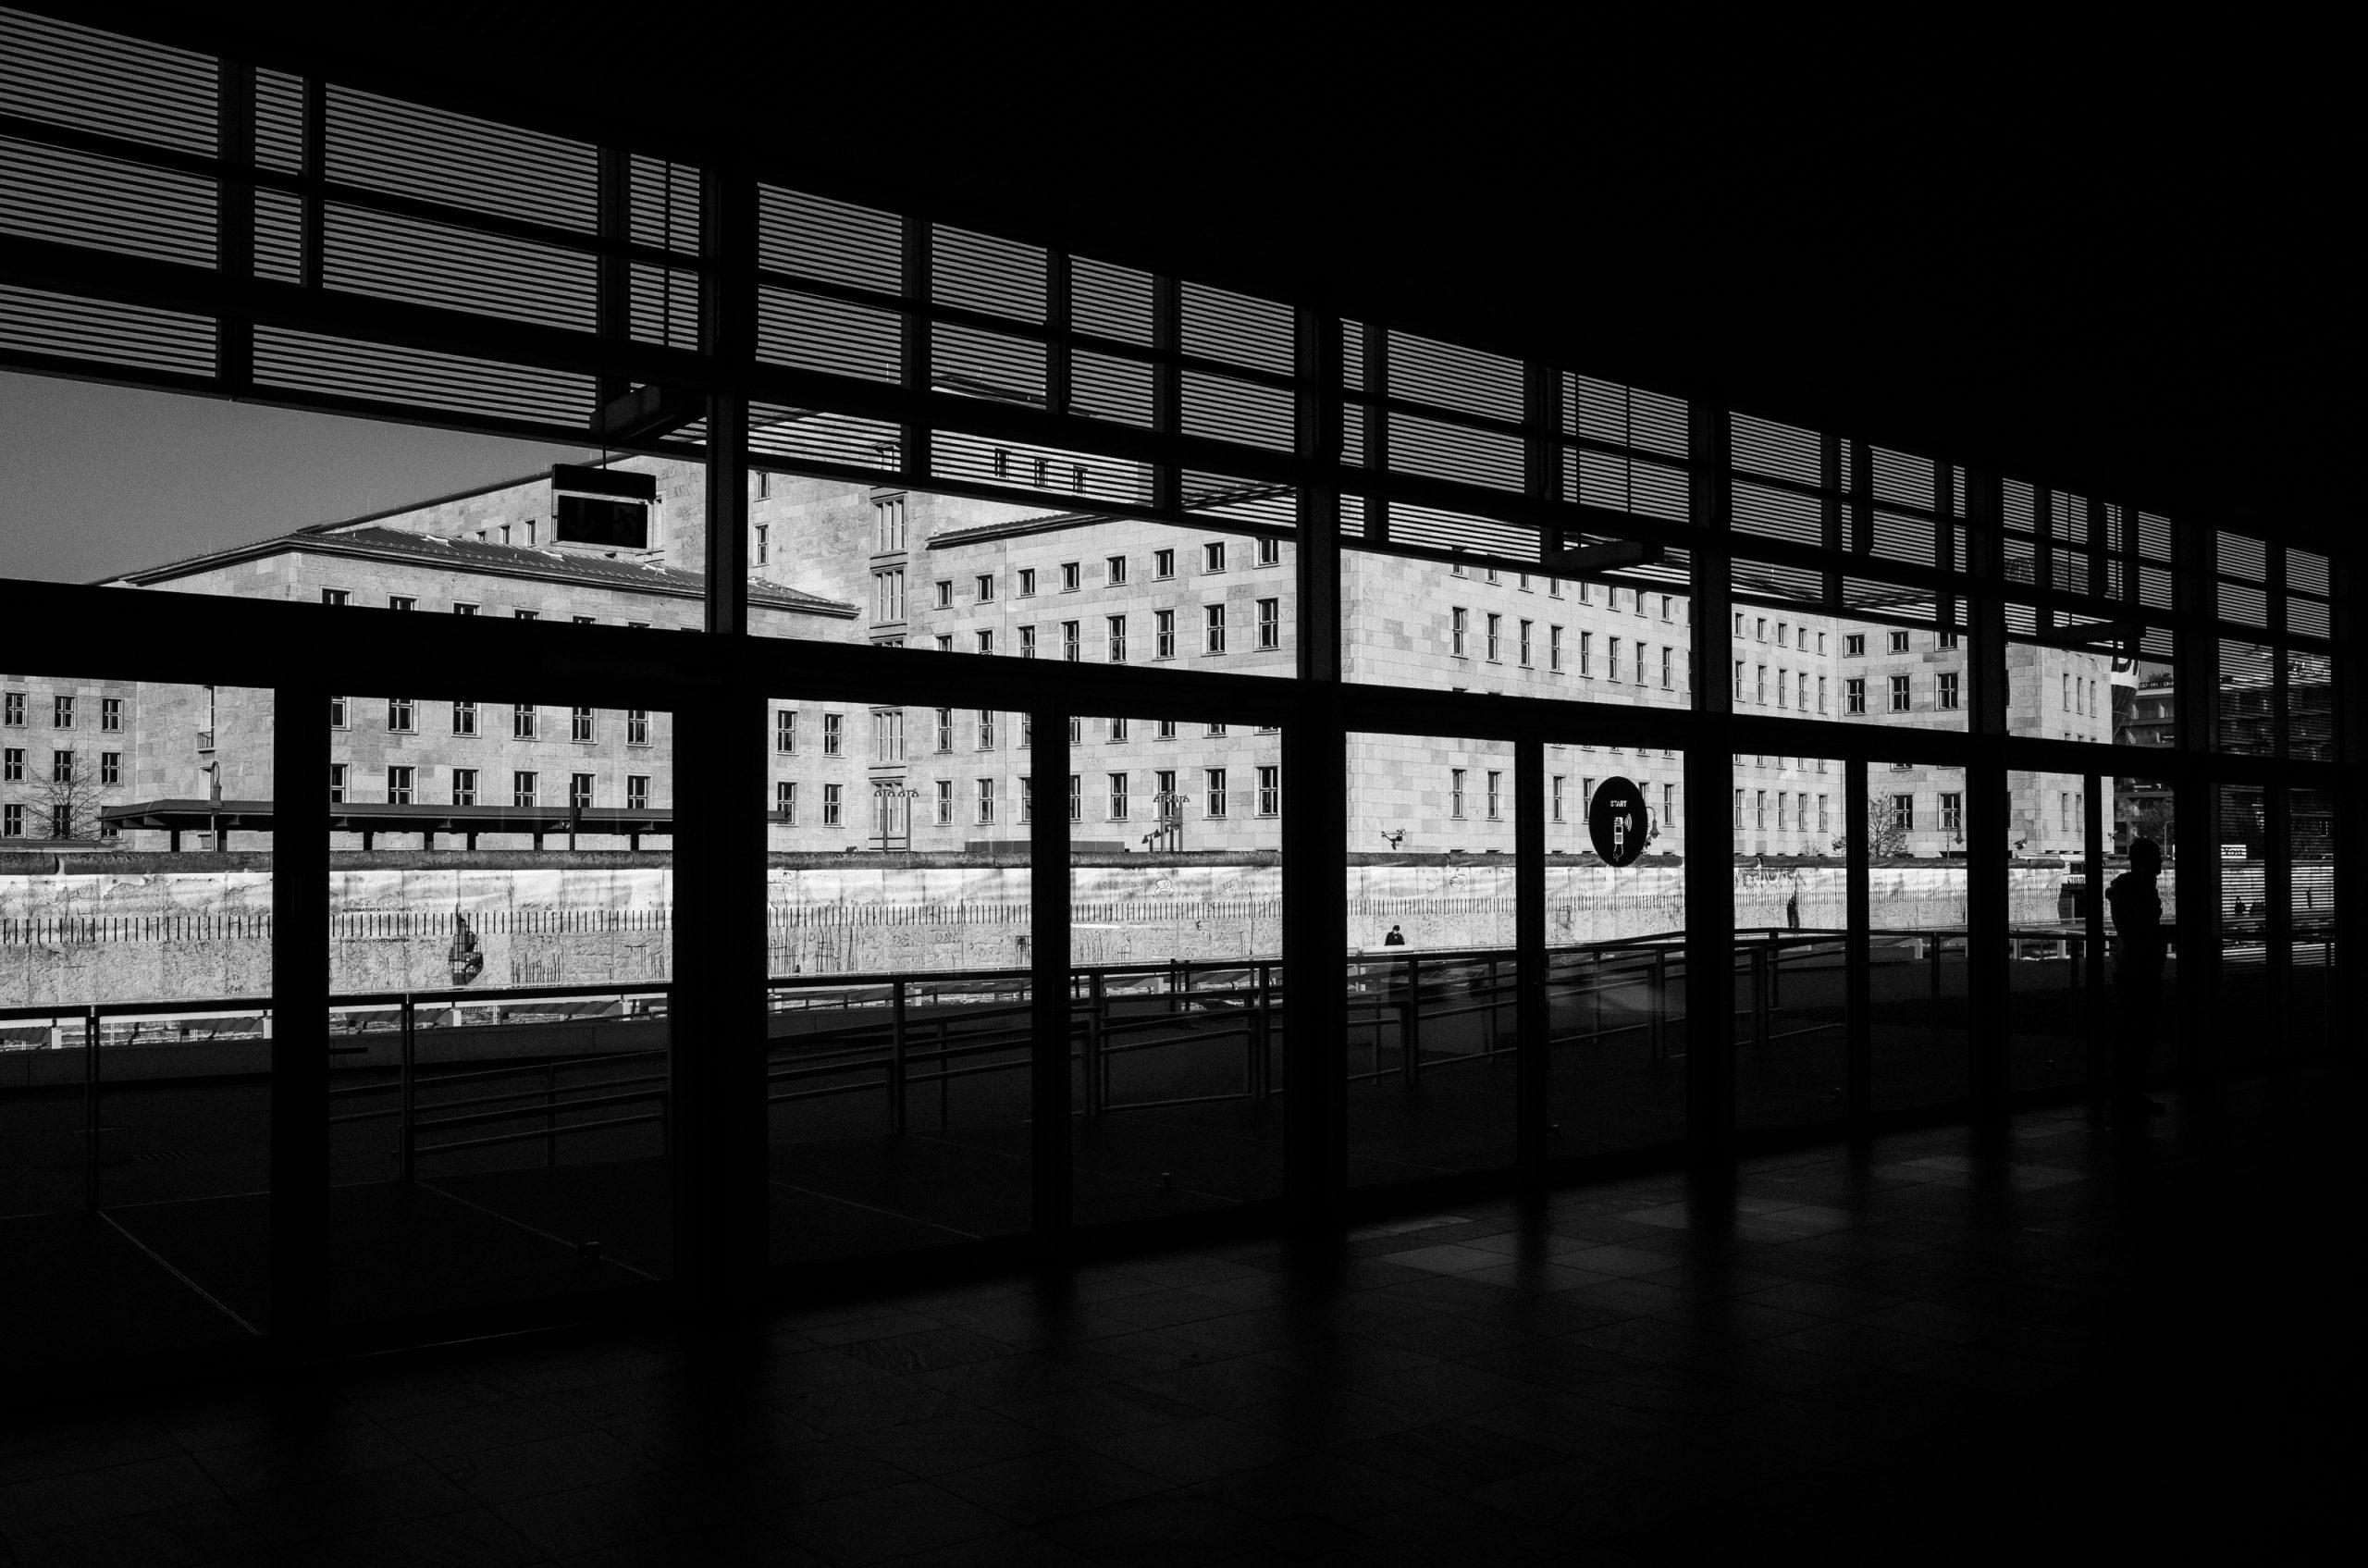 Berliner Aussichten